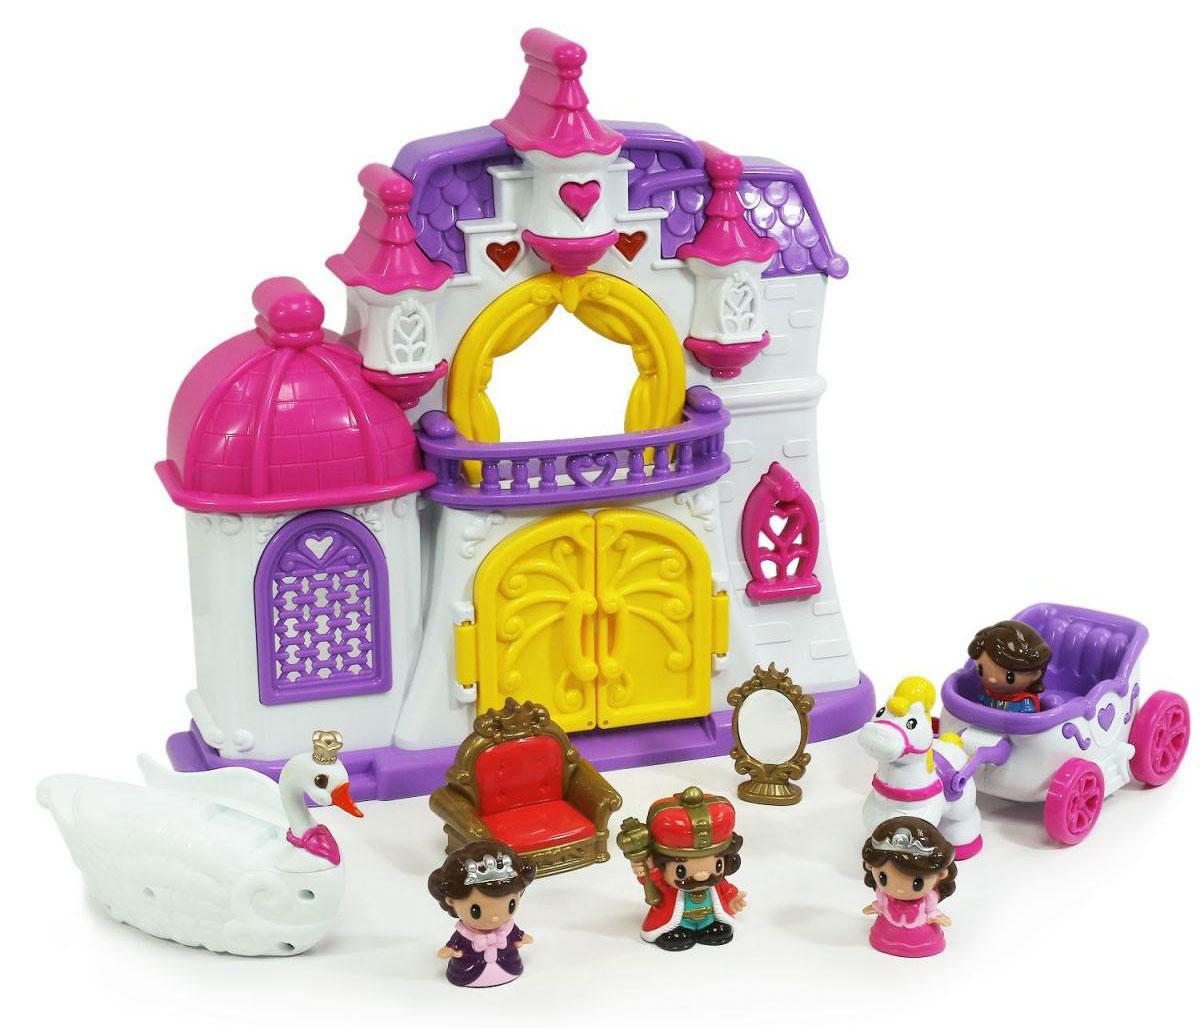 Keenway Игровой набор Праздничный дворец - Игровые наборы